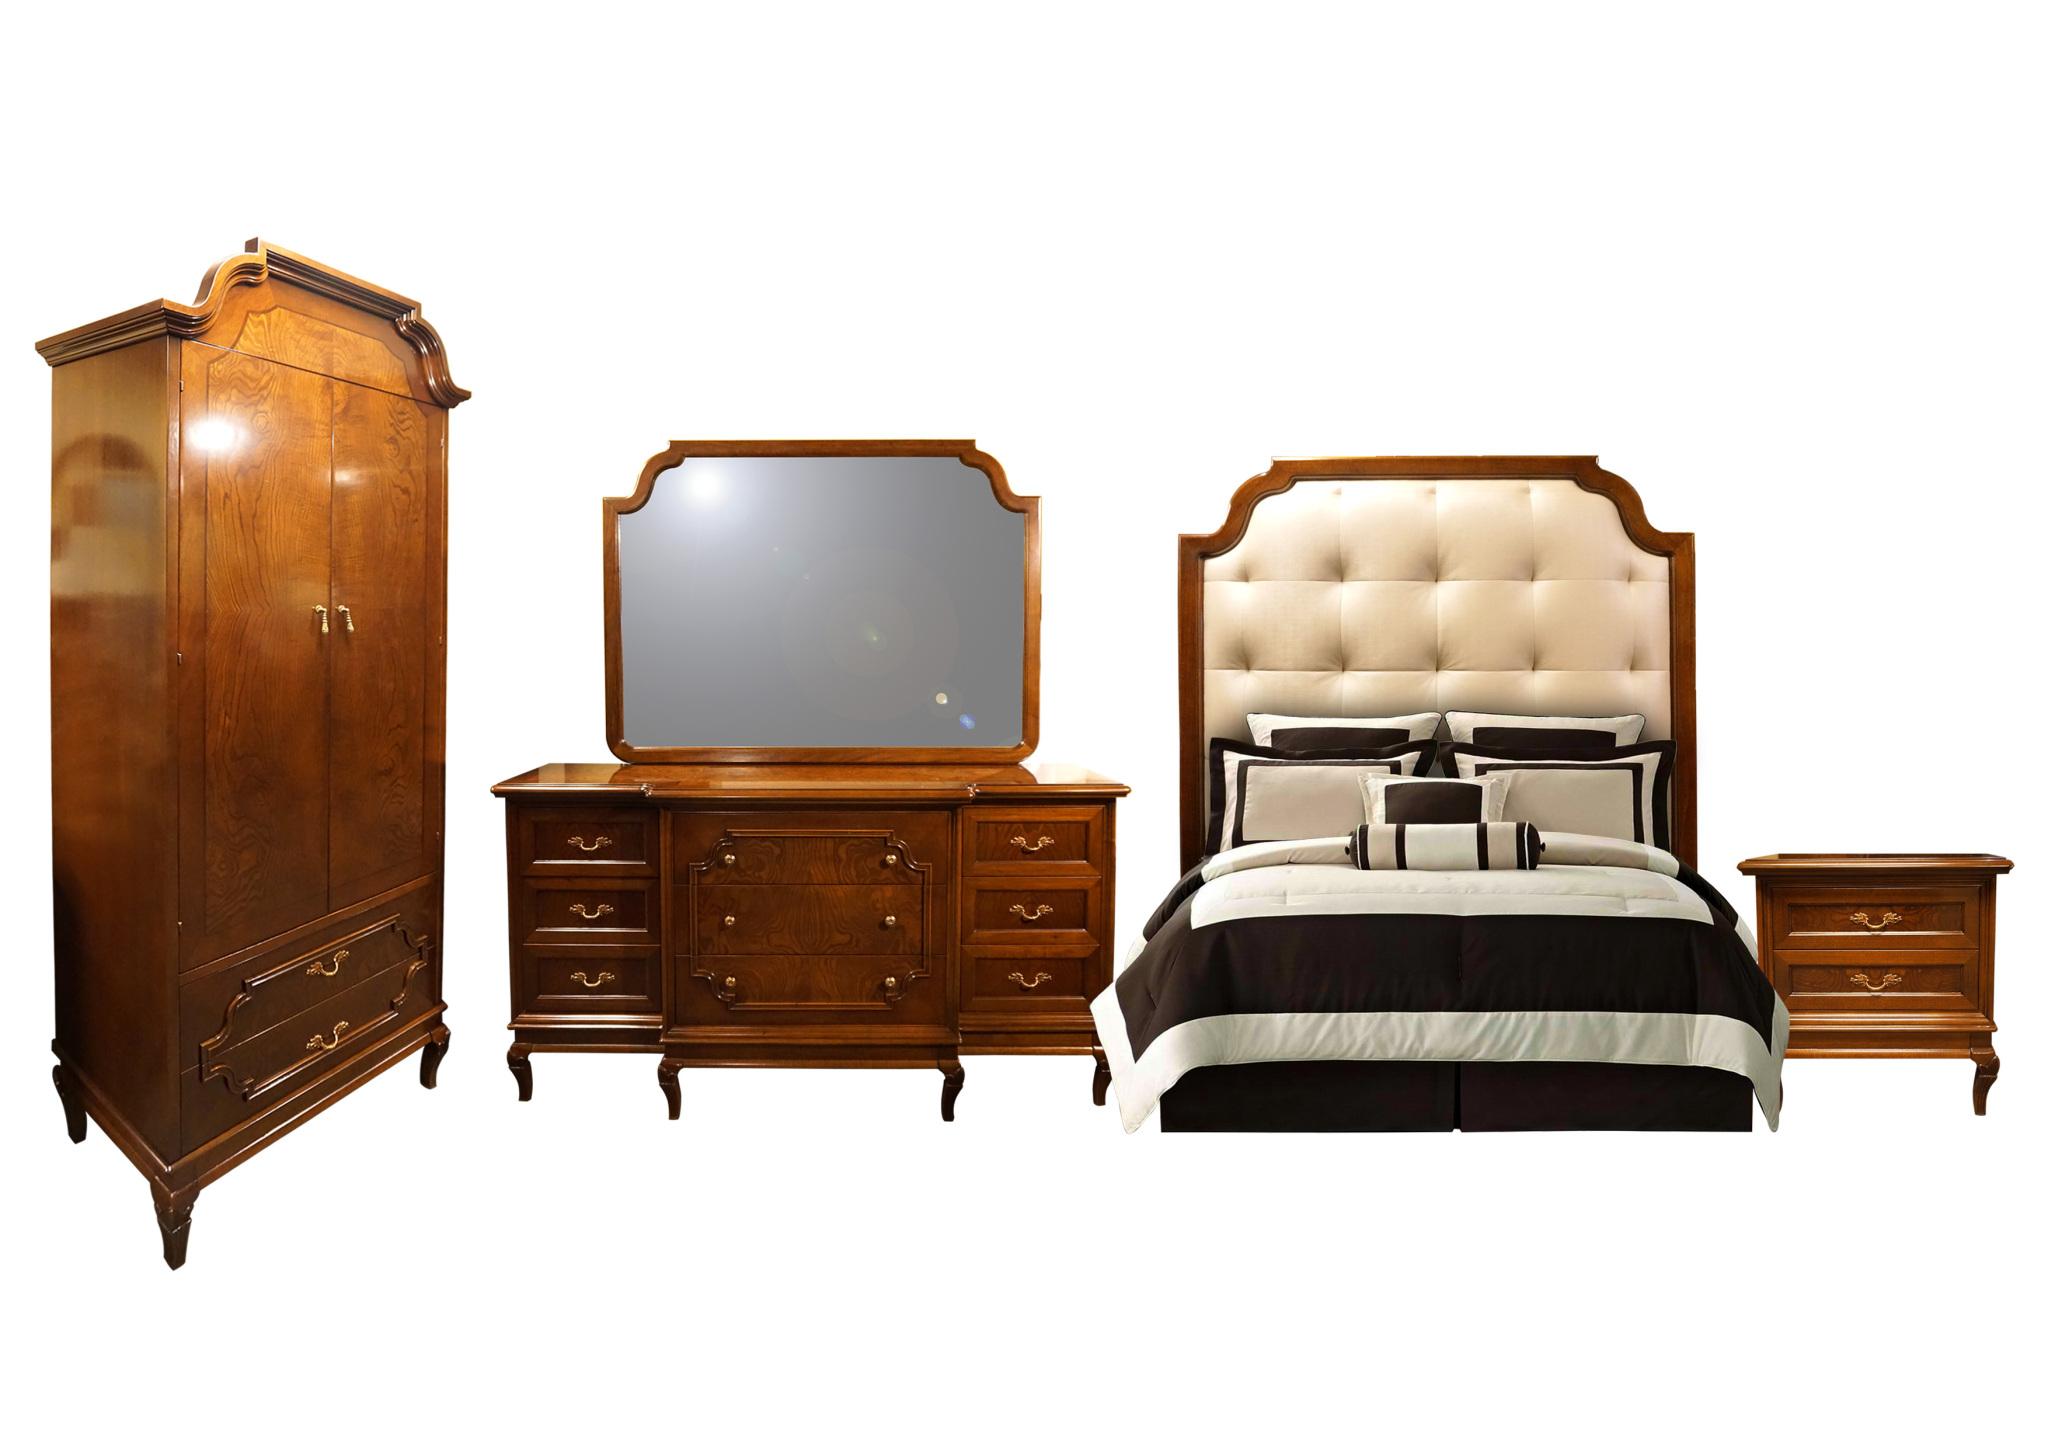 Verona complete bedroom set complete bedroom sets for for Complete bedroom sets for sale